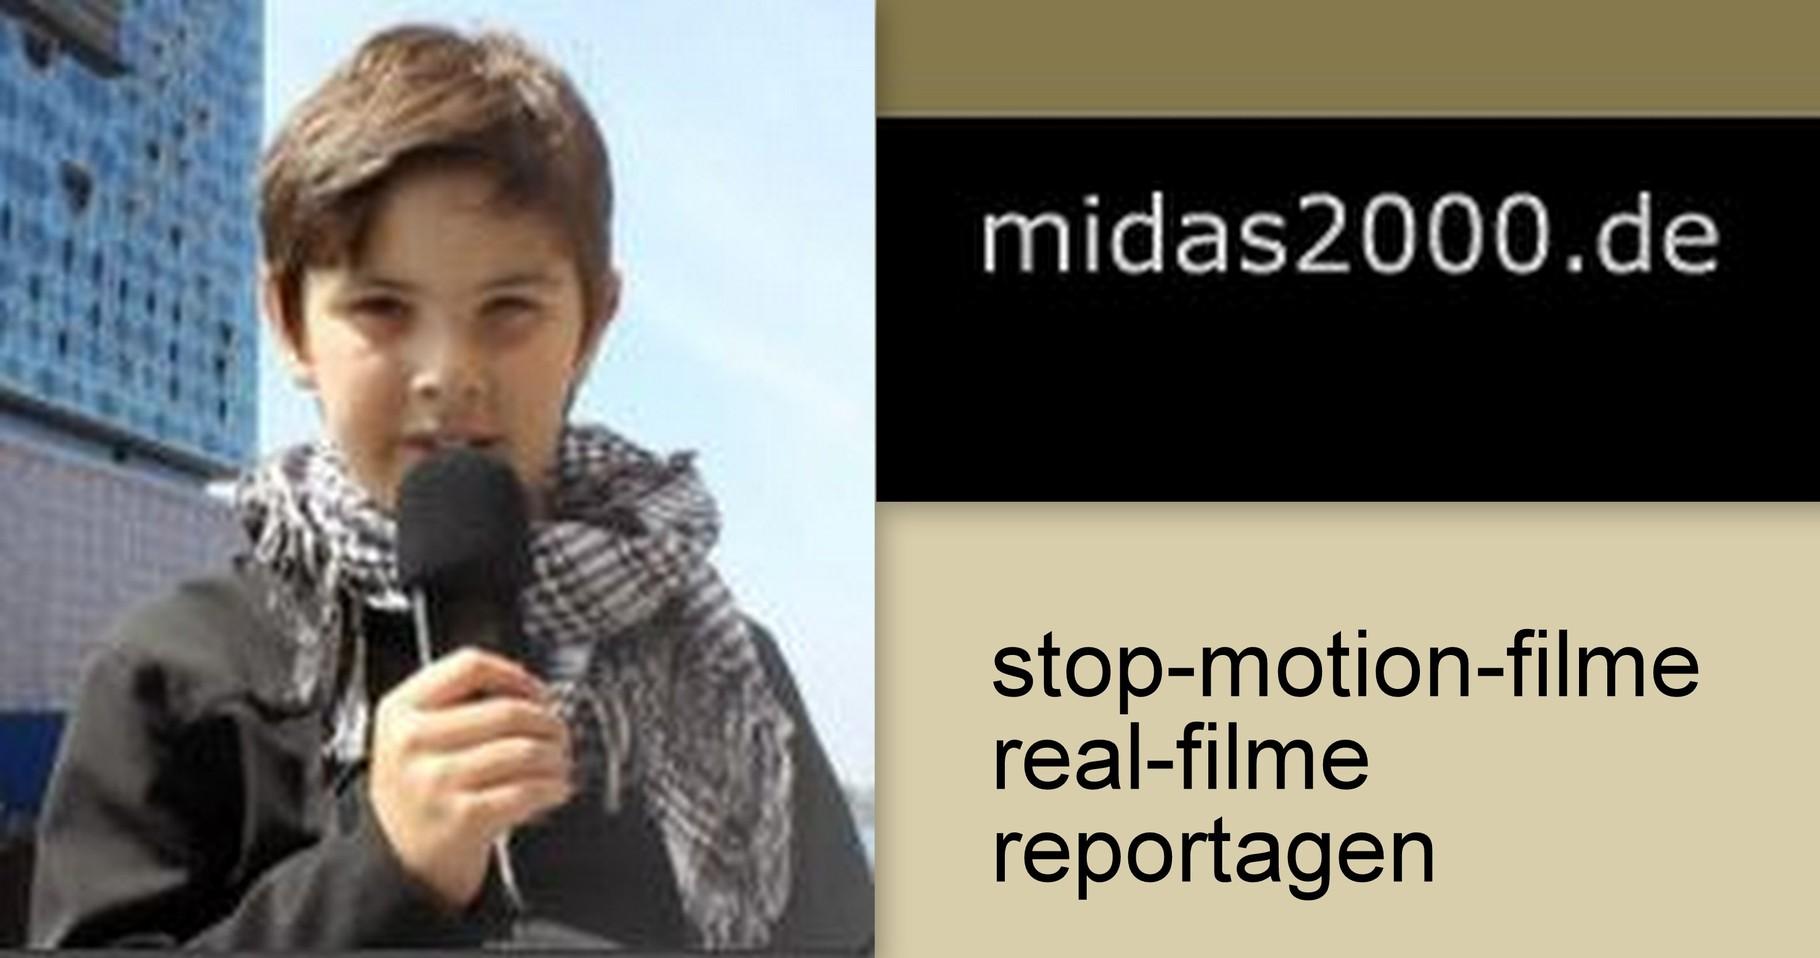 midas2000 - stop-motion-/realfilme - reportagen